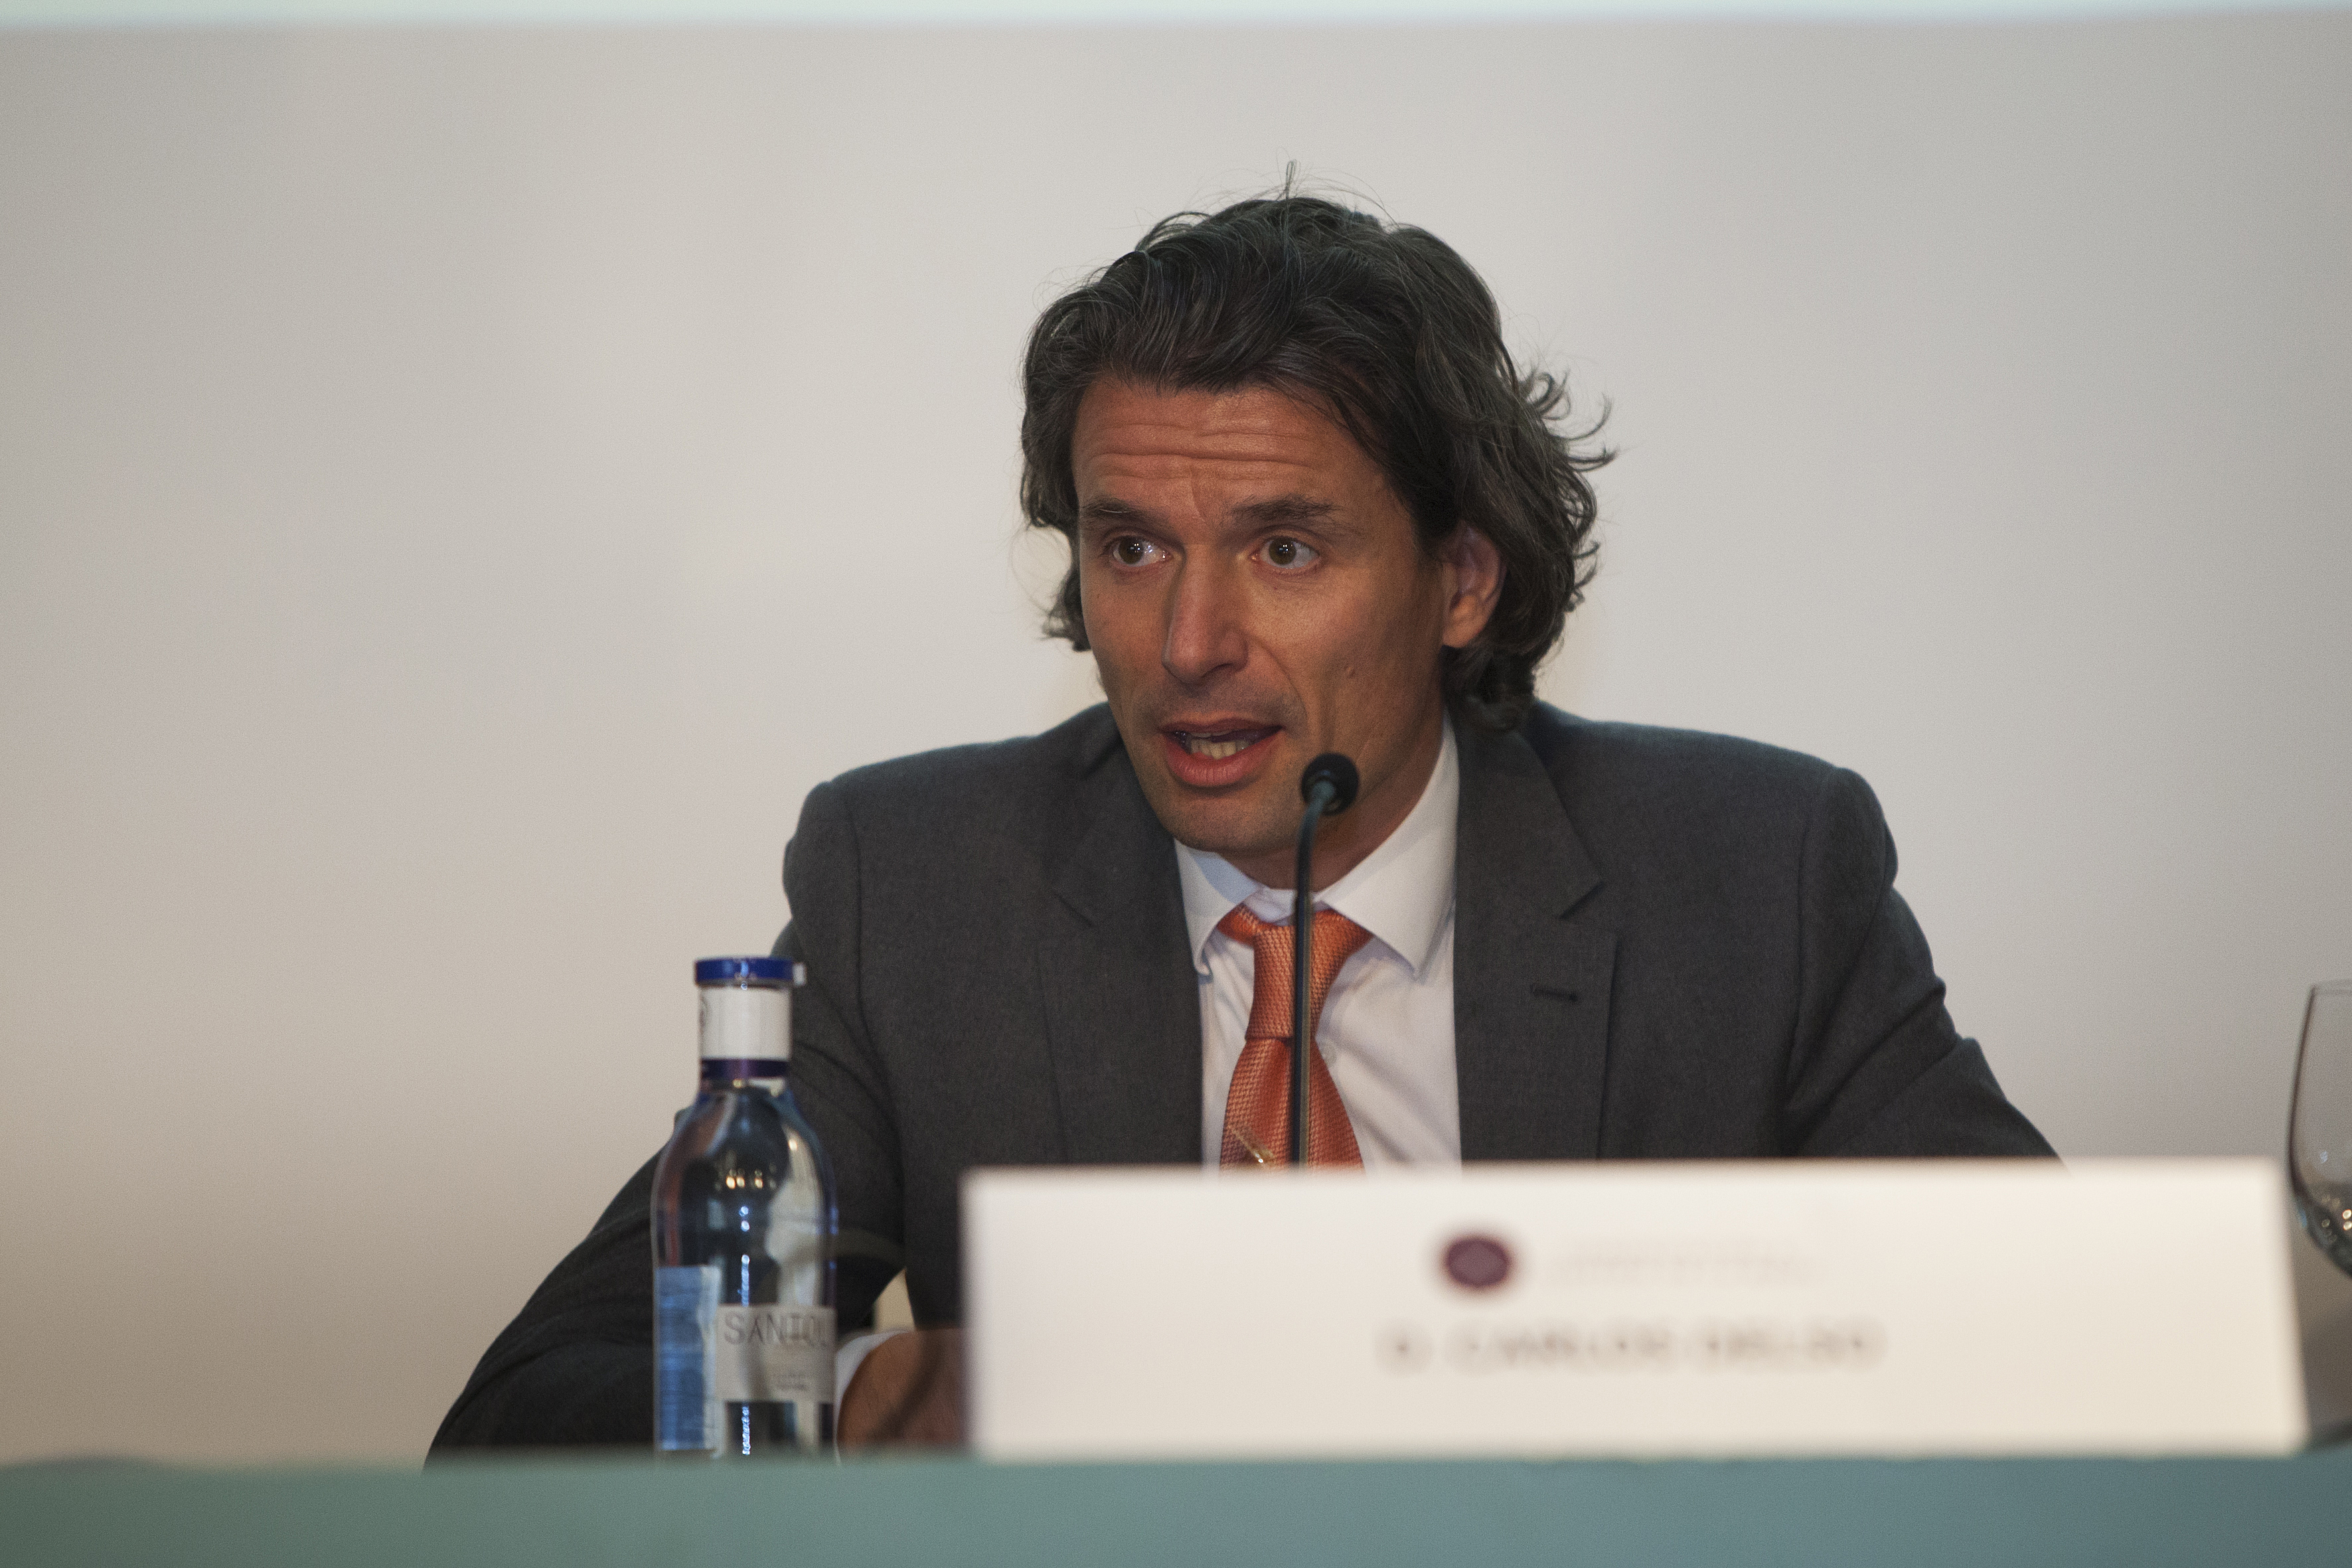 Carlos Delso, director general de Joyería Suárez. Foto: Carlos de la Osa.